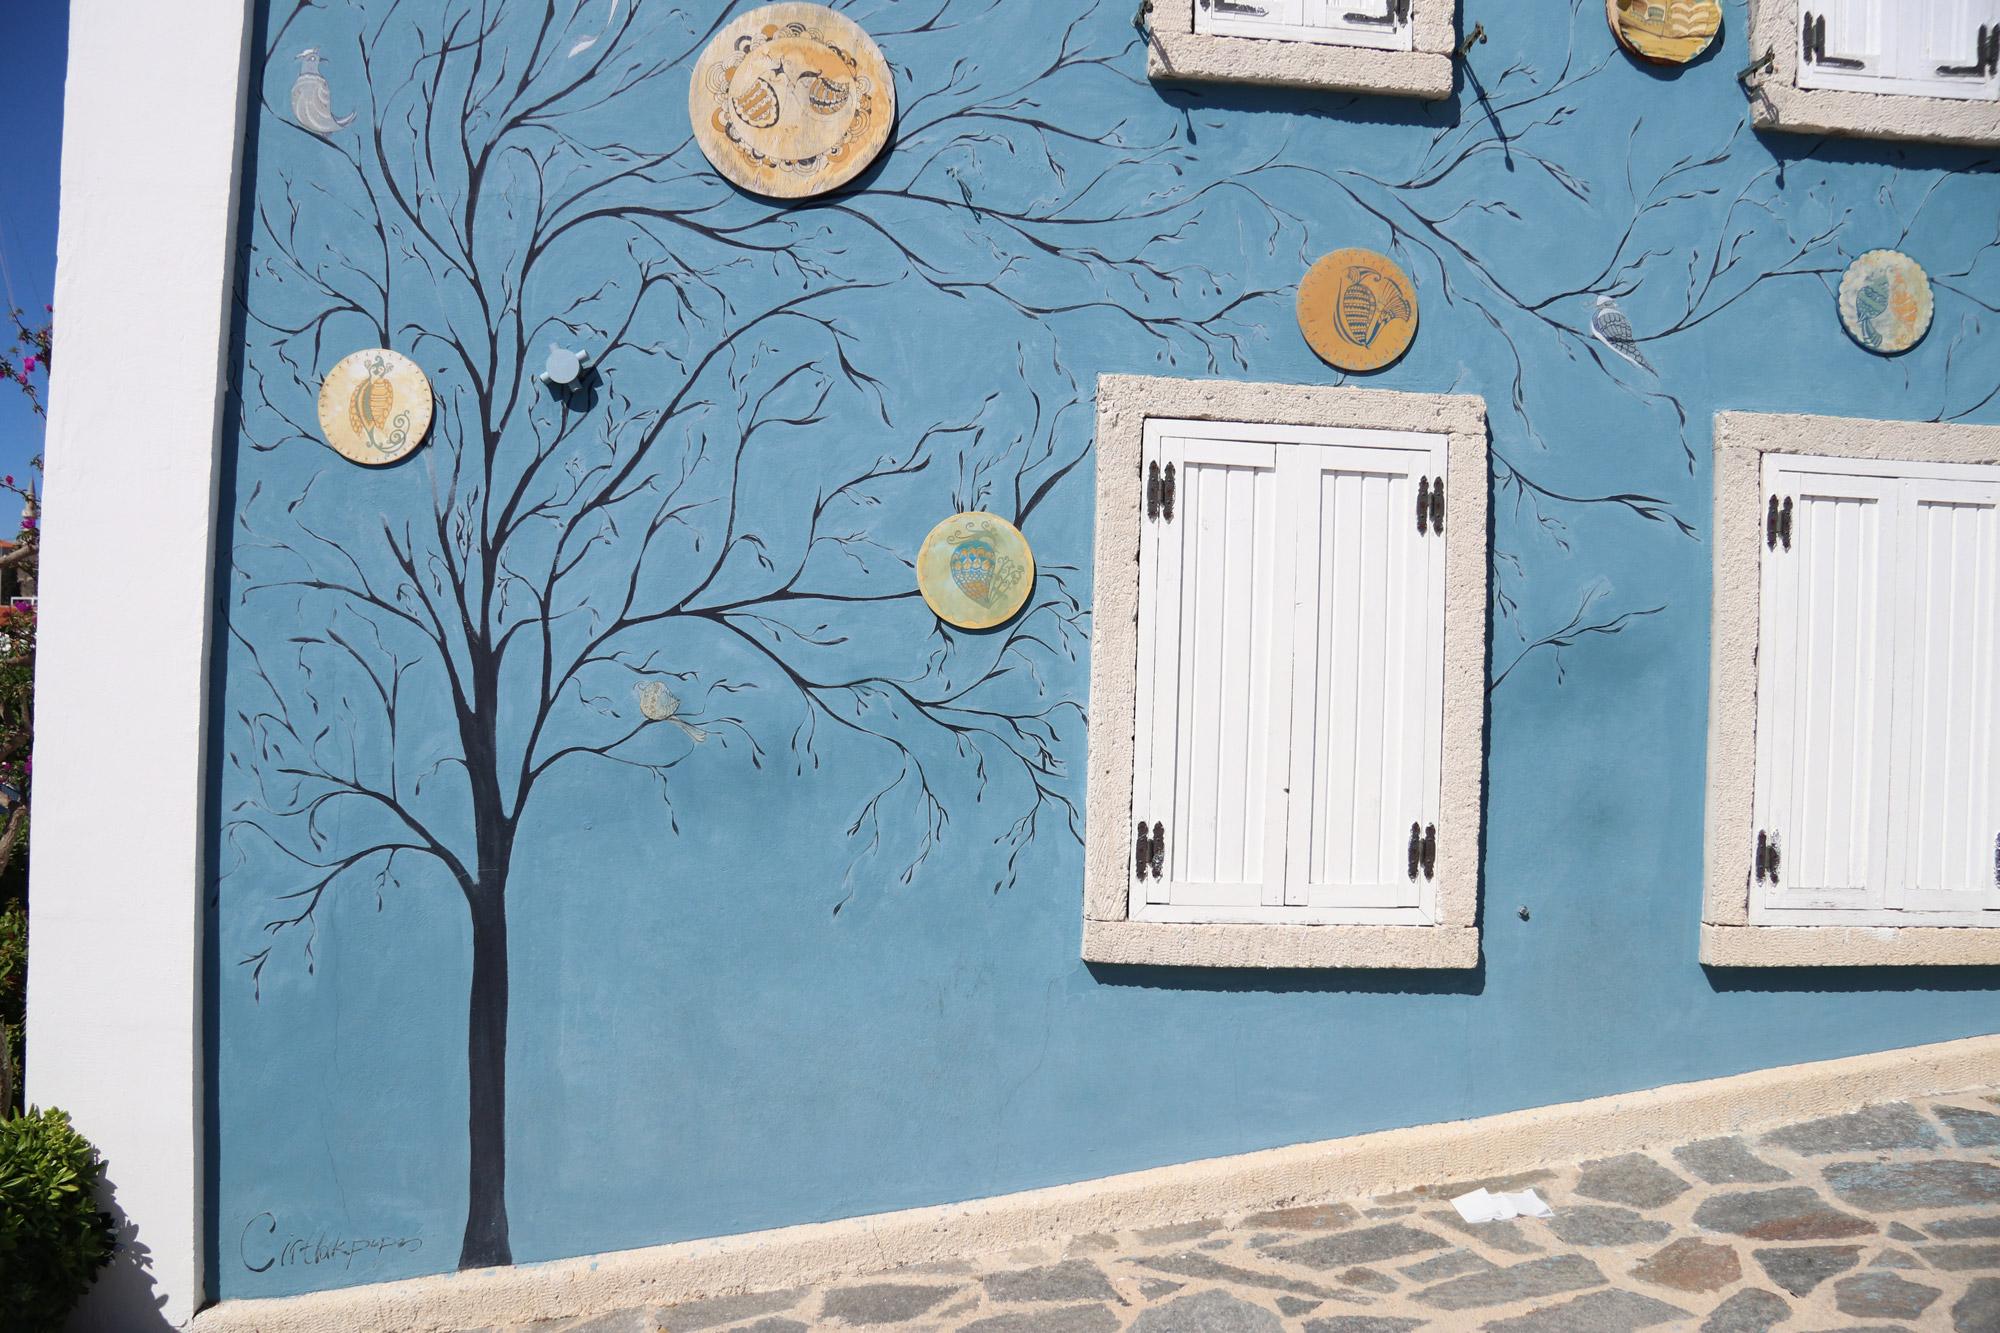 Turkije reisverslag: Laatste dag in Alaçatı - Muurschildering in Çeşme